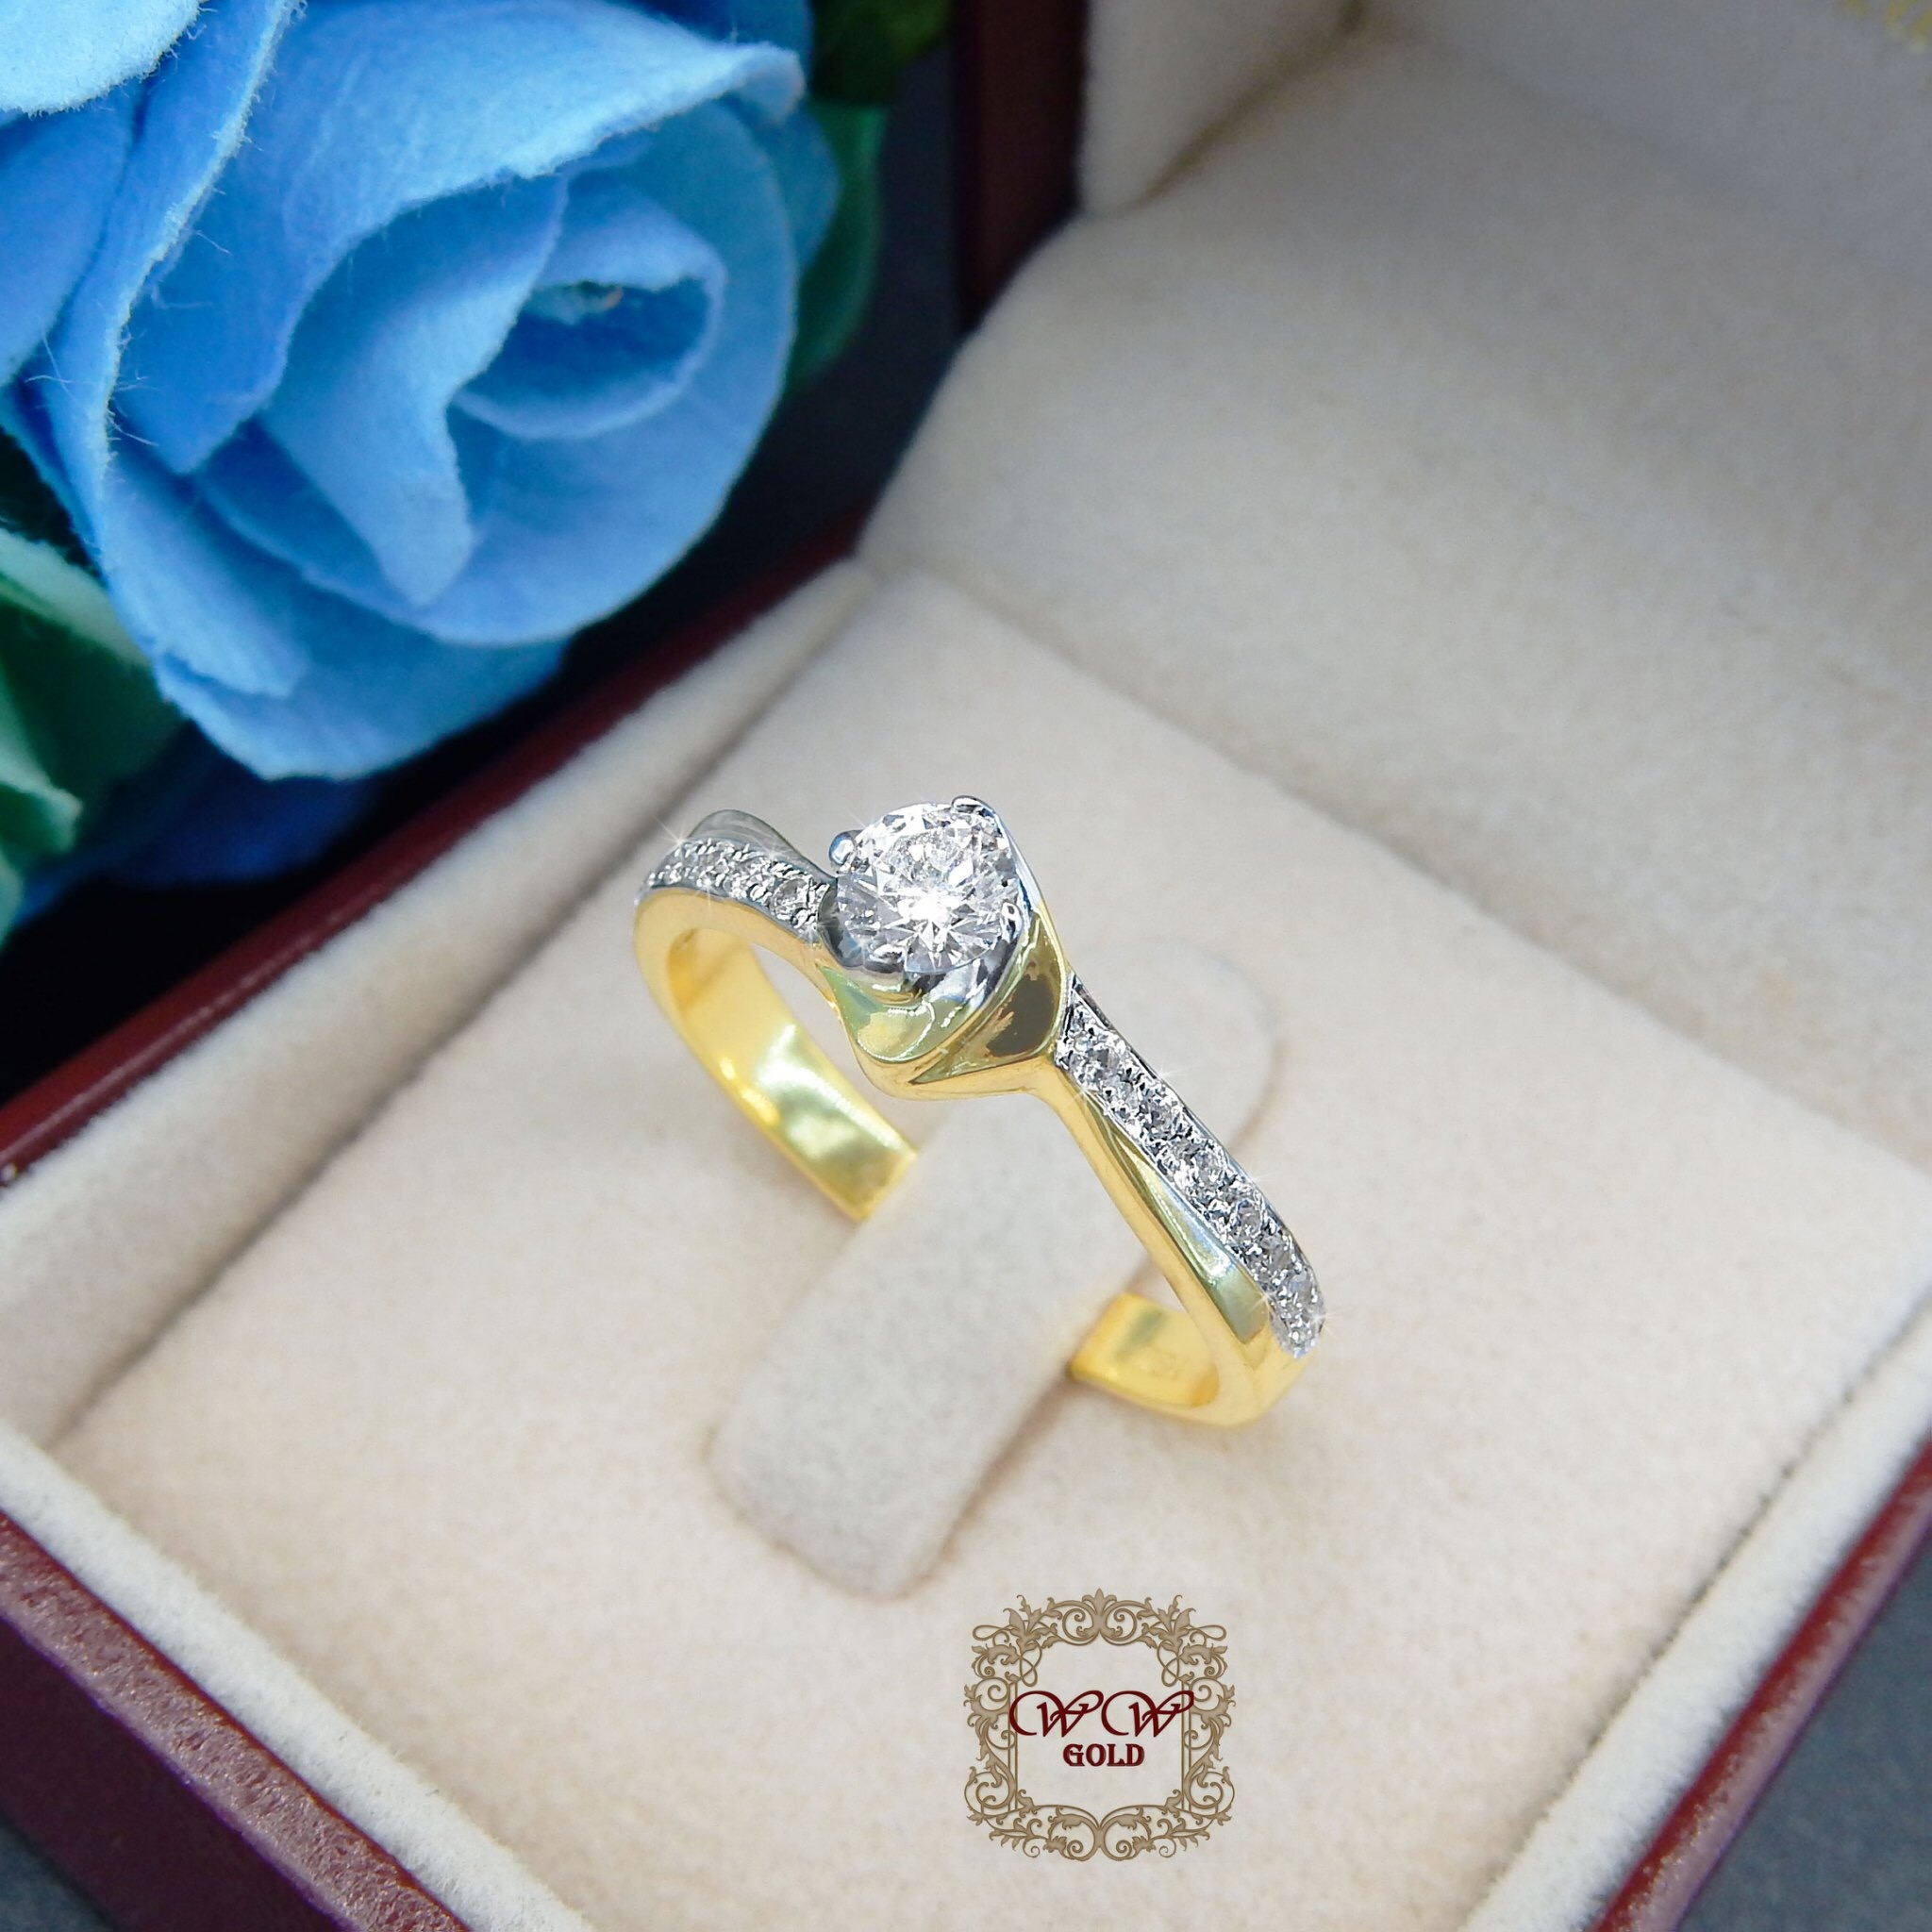 แหวนเพชรดีไซน์หัวชู สไตล์คลาสสิค (กุหลาบ)